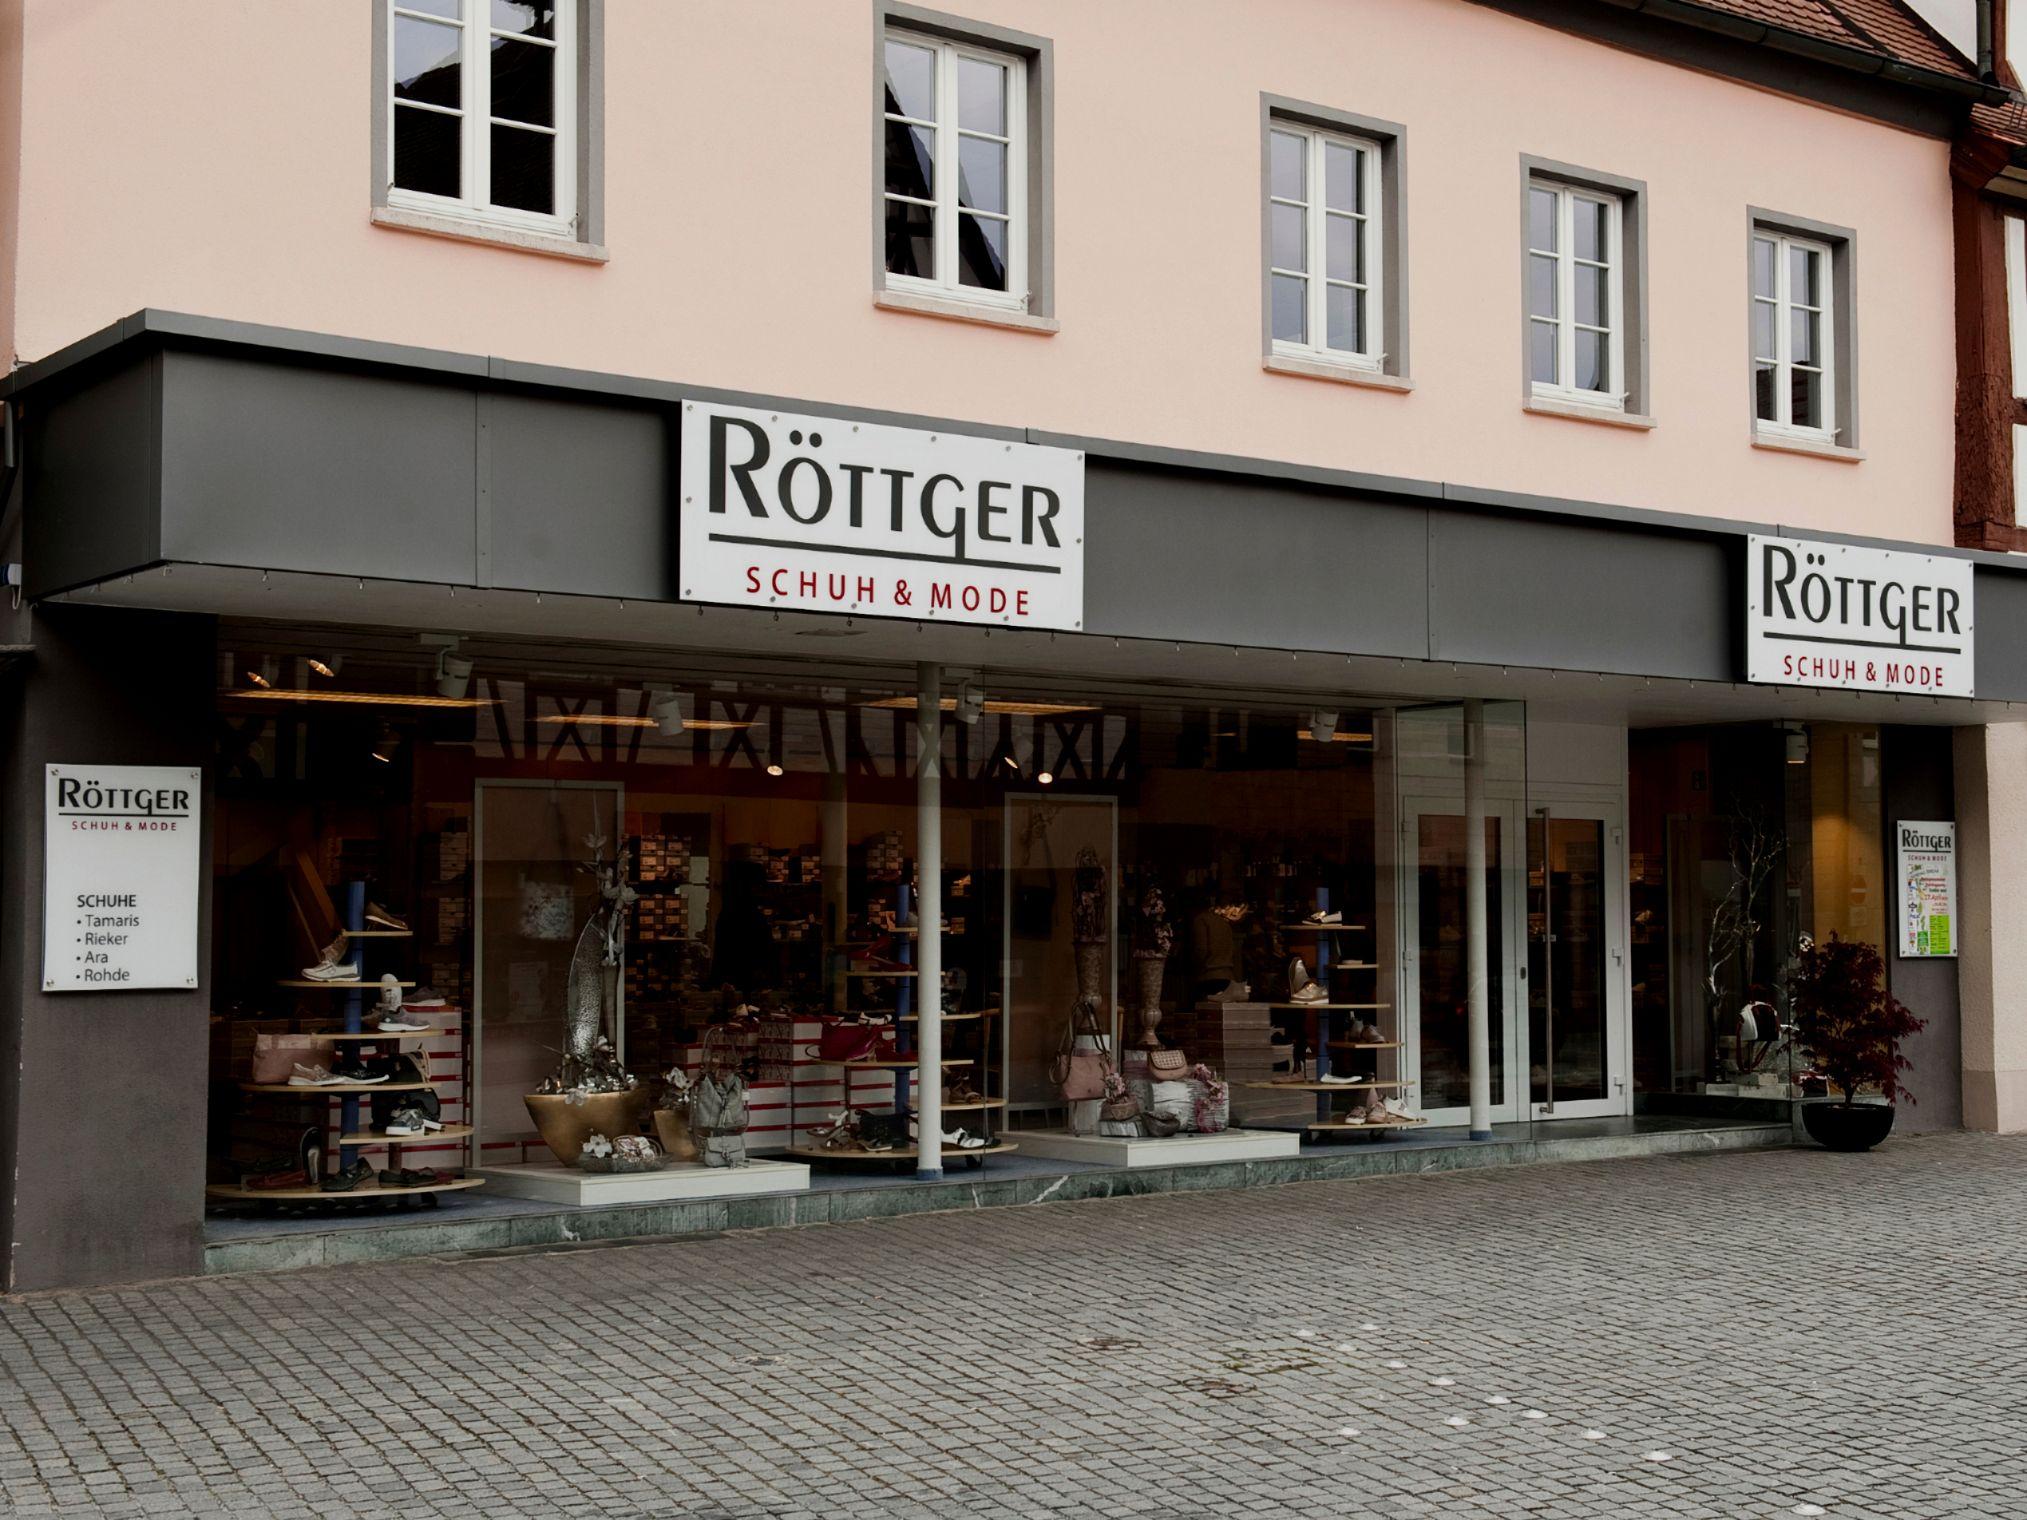 Röttger Schuh & Mode